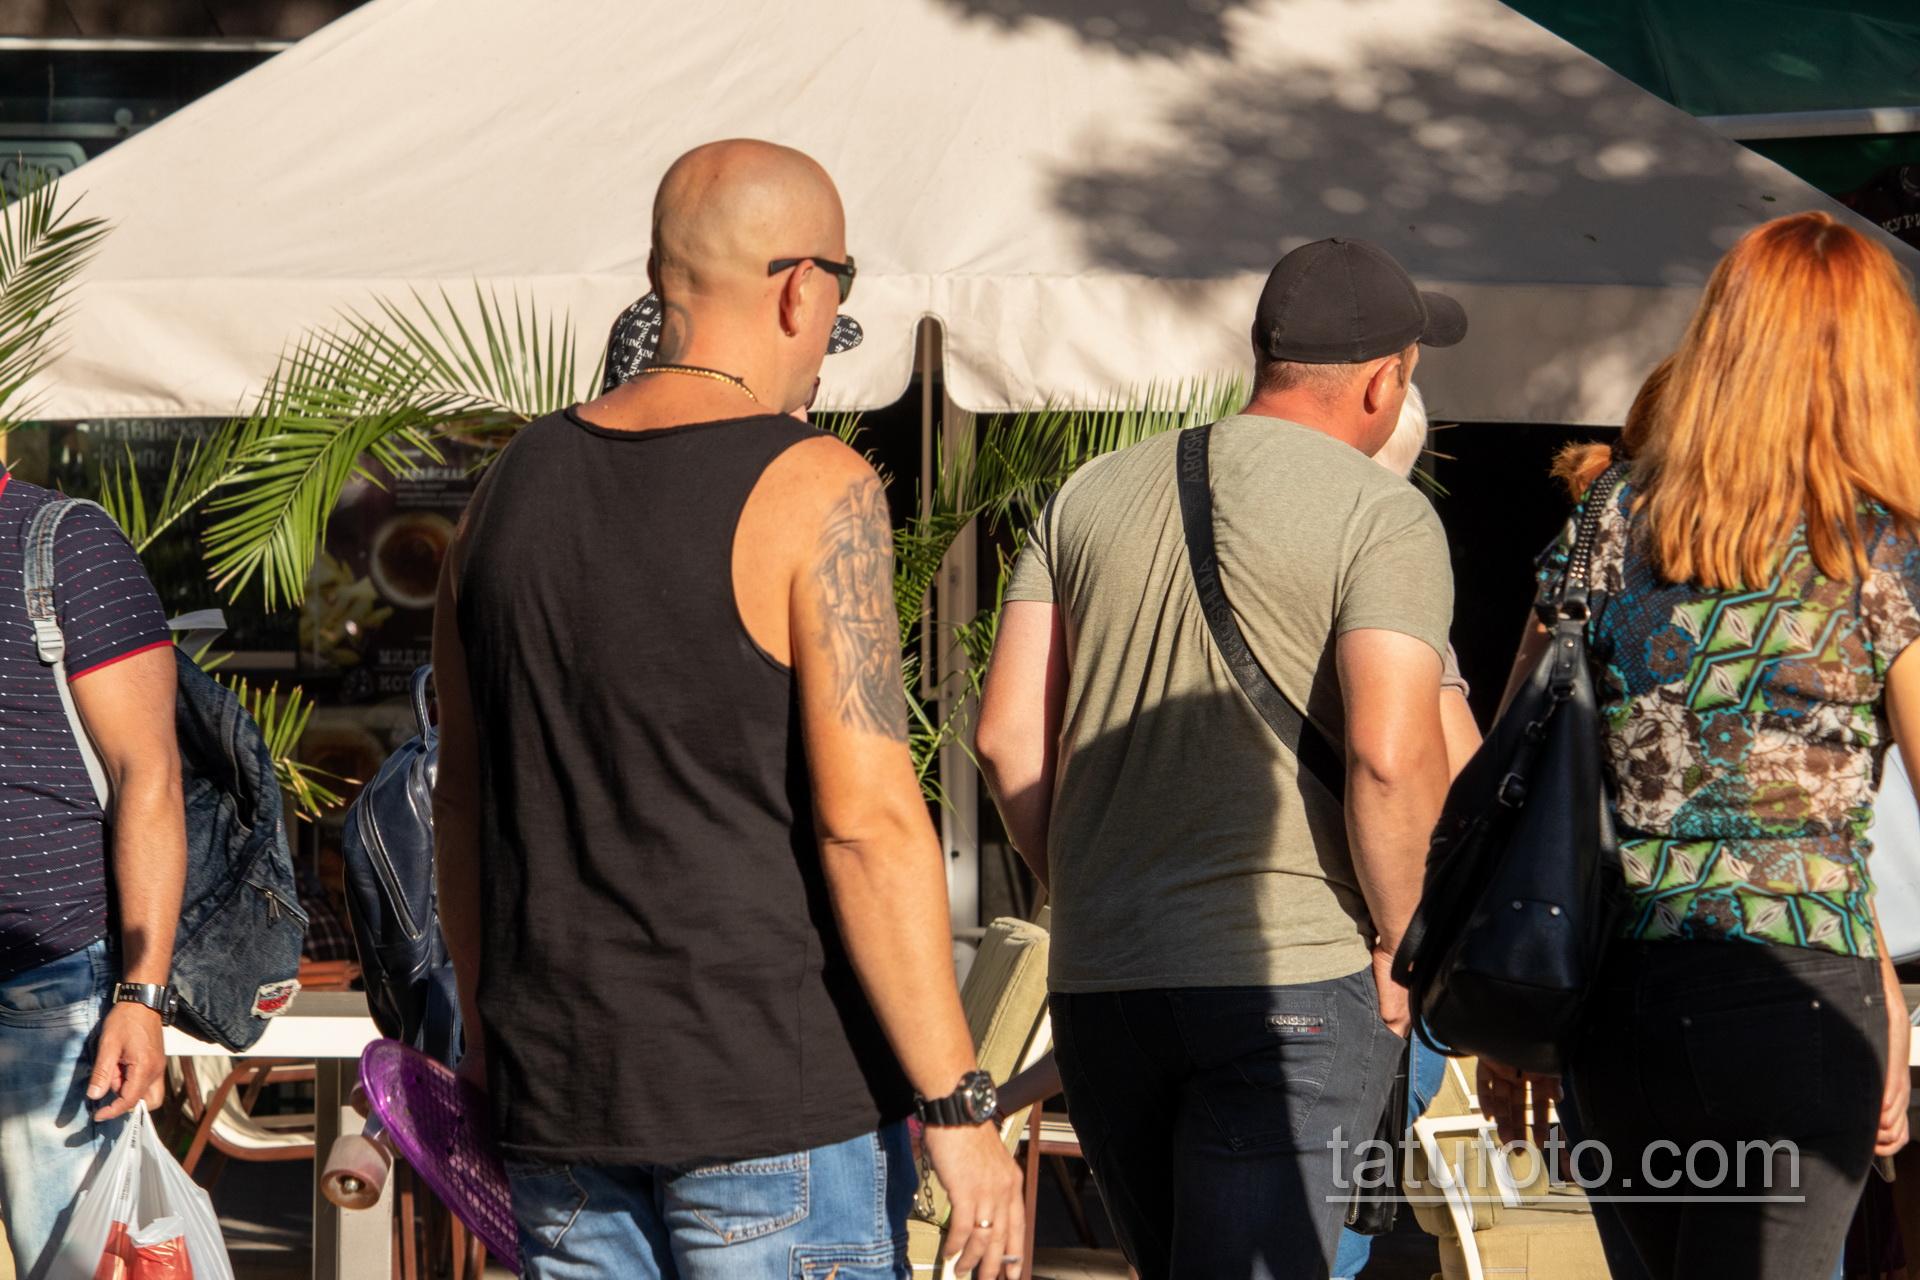 Татуировка со смертью которая показывает средний палец на правом плече мужчины – Уличная татуировка 14.09.2020 – tatufoto.com 4